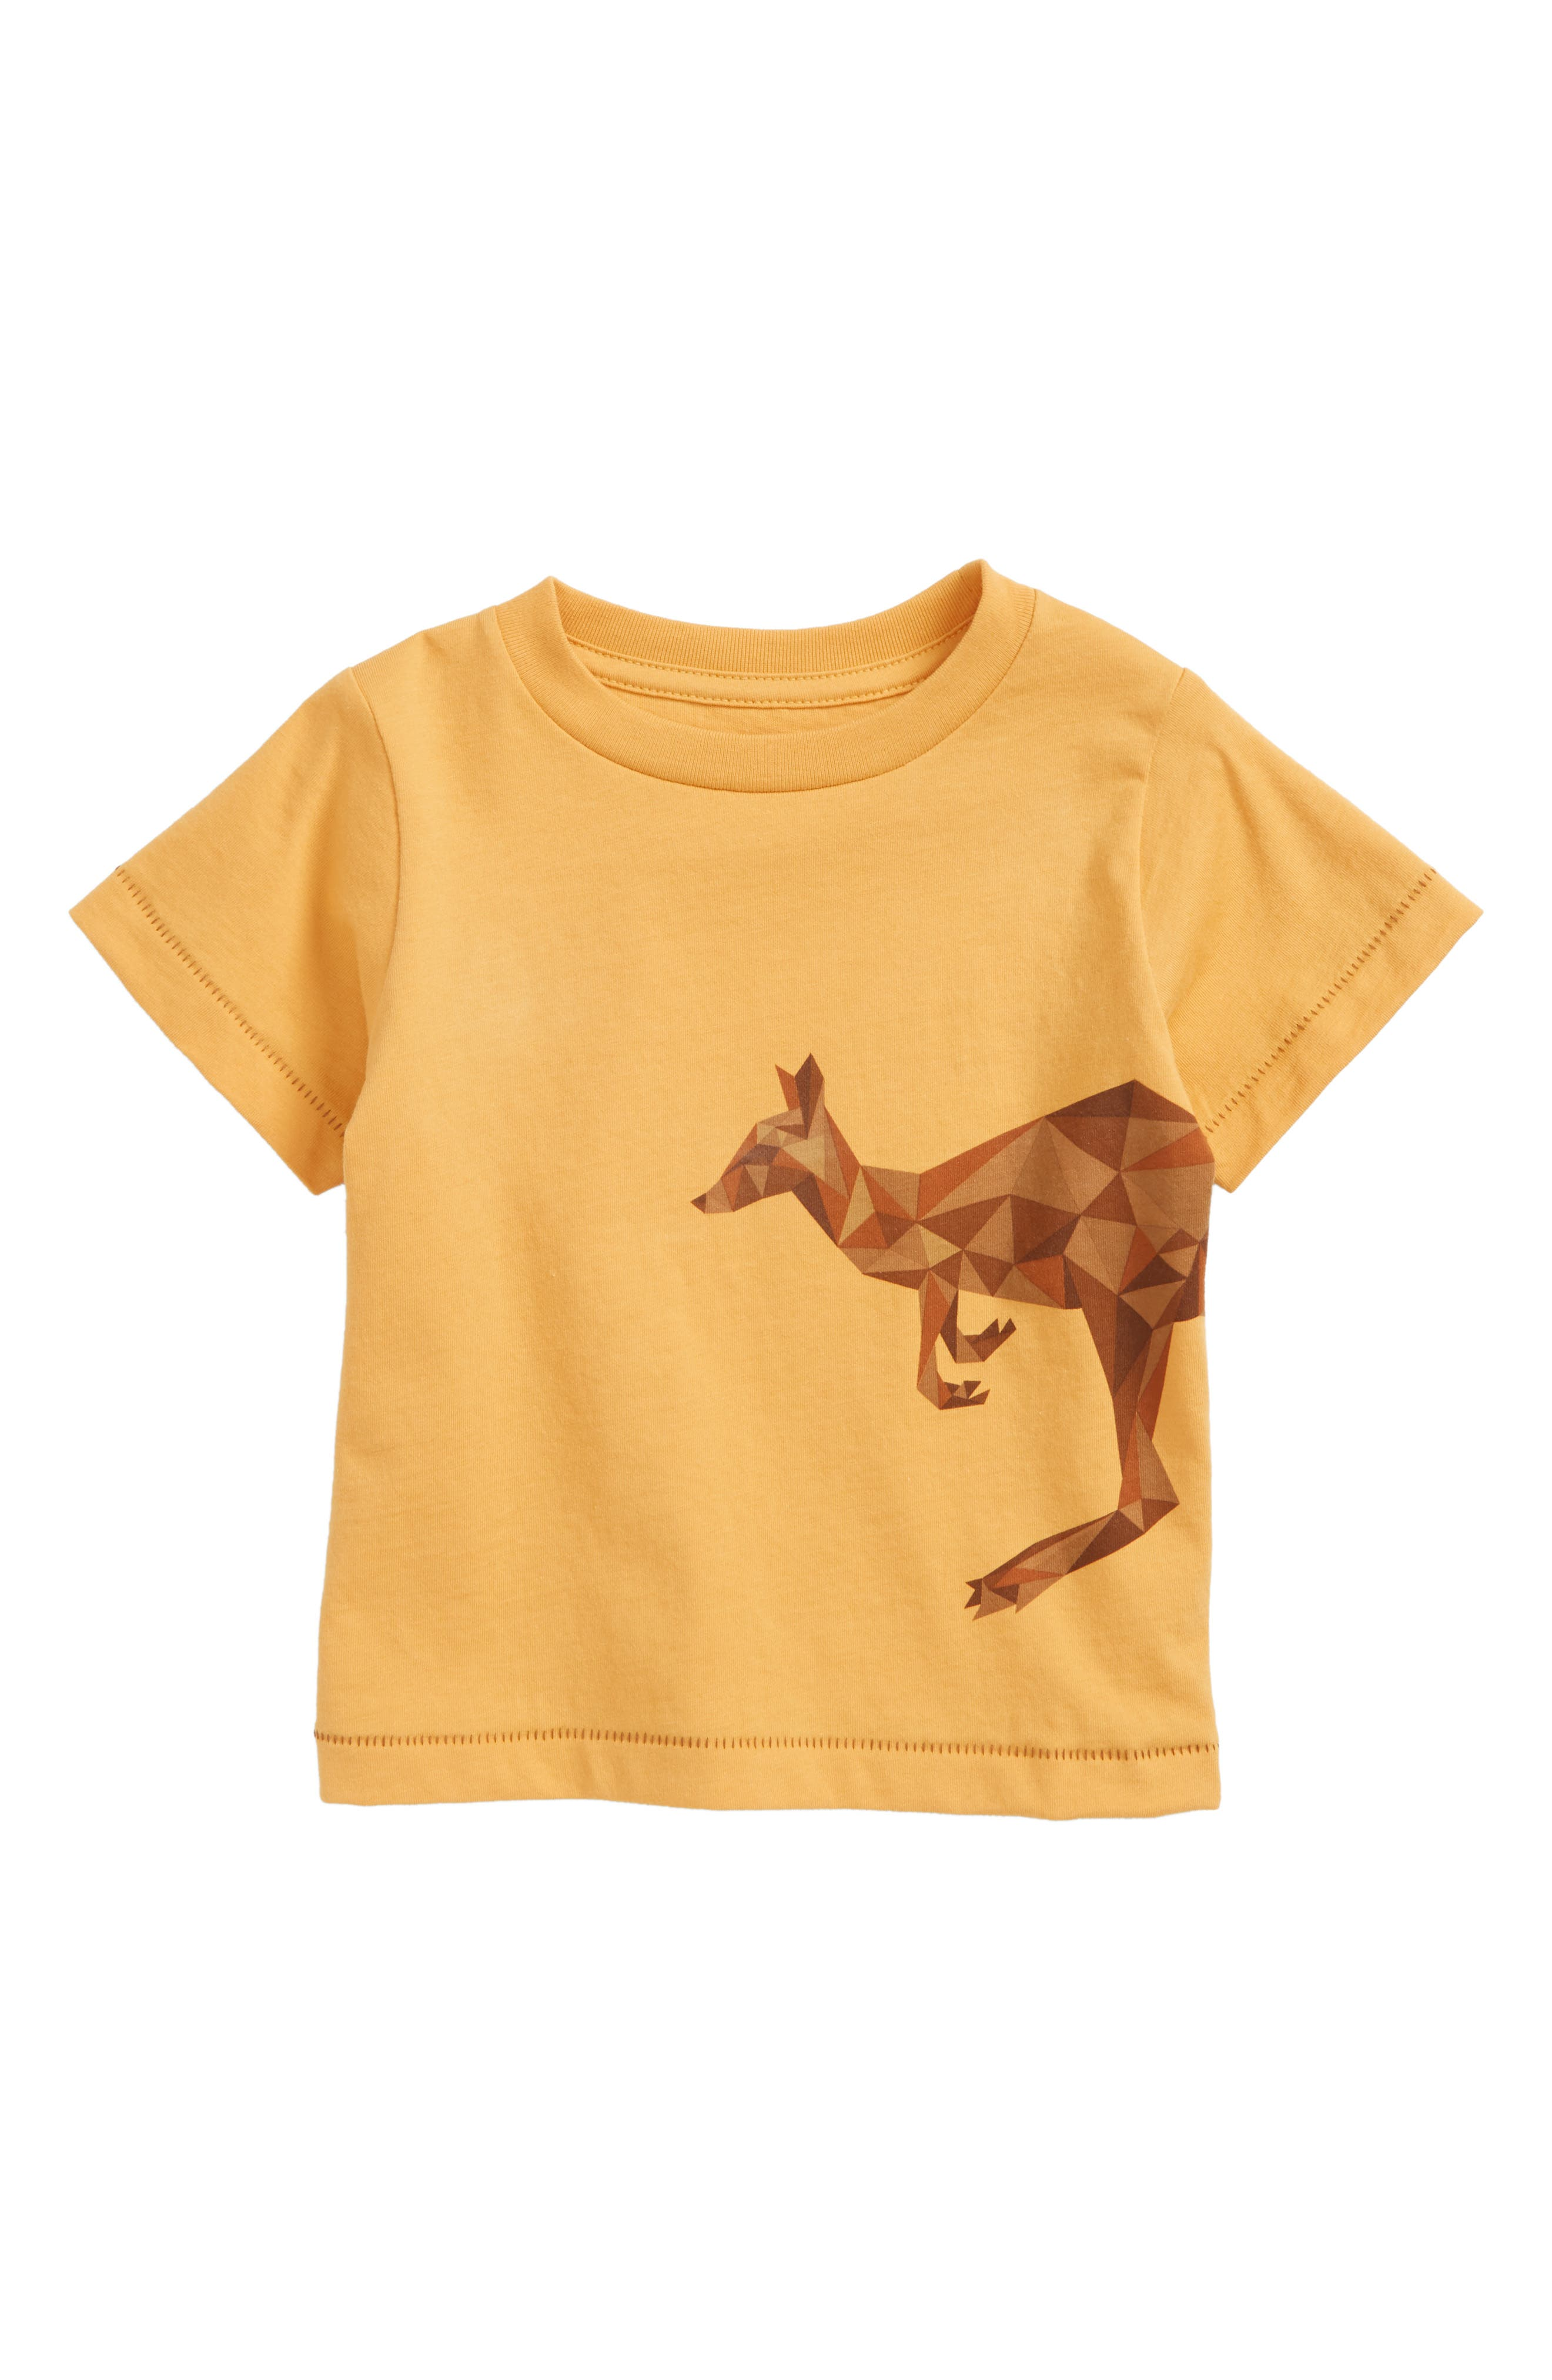 Kangaroo Graphic T-Shirt,                             Main thumbnail 1, color,                             700